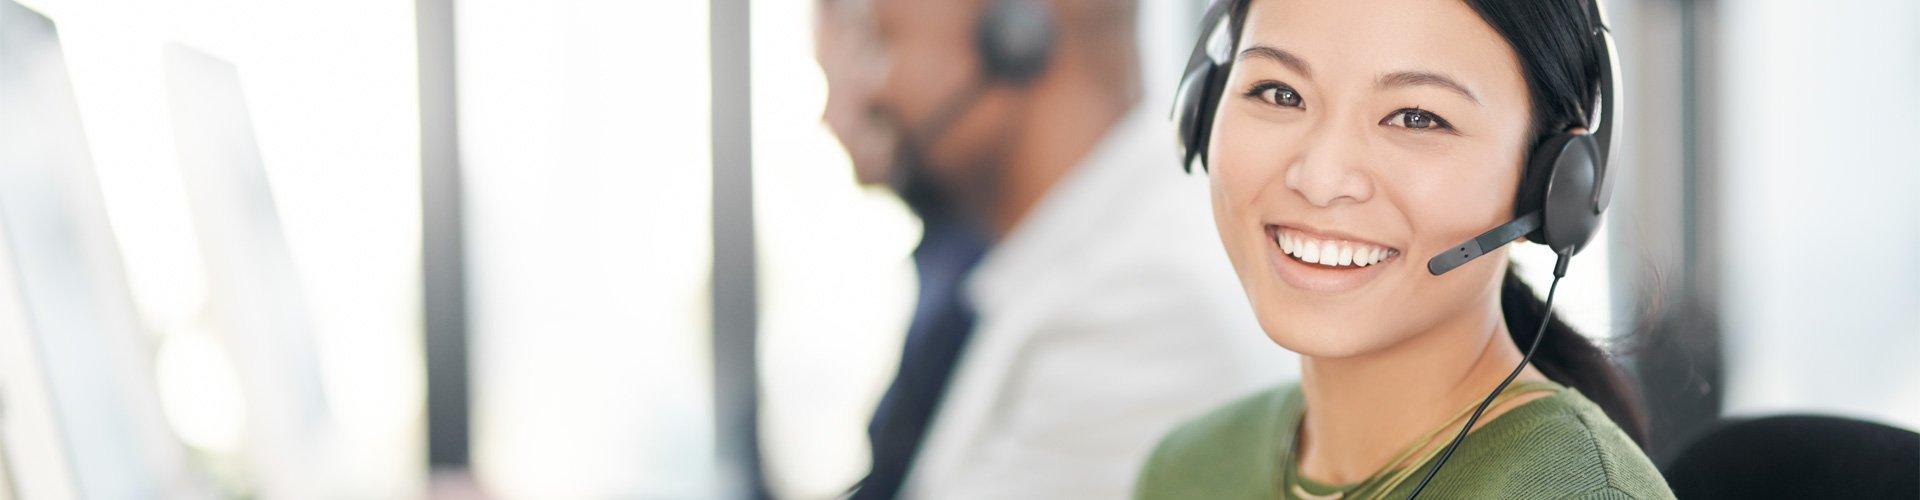 Frau am Telefon, die einem Kunden mit ihren Hörgeräten hilft.